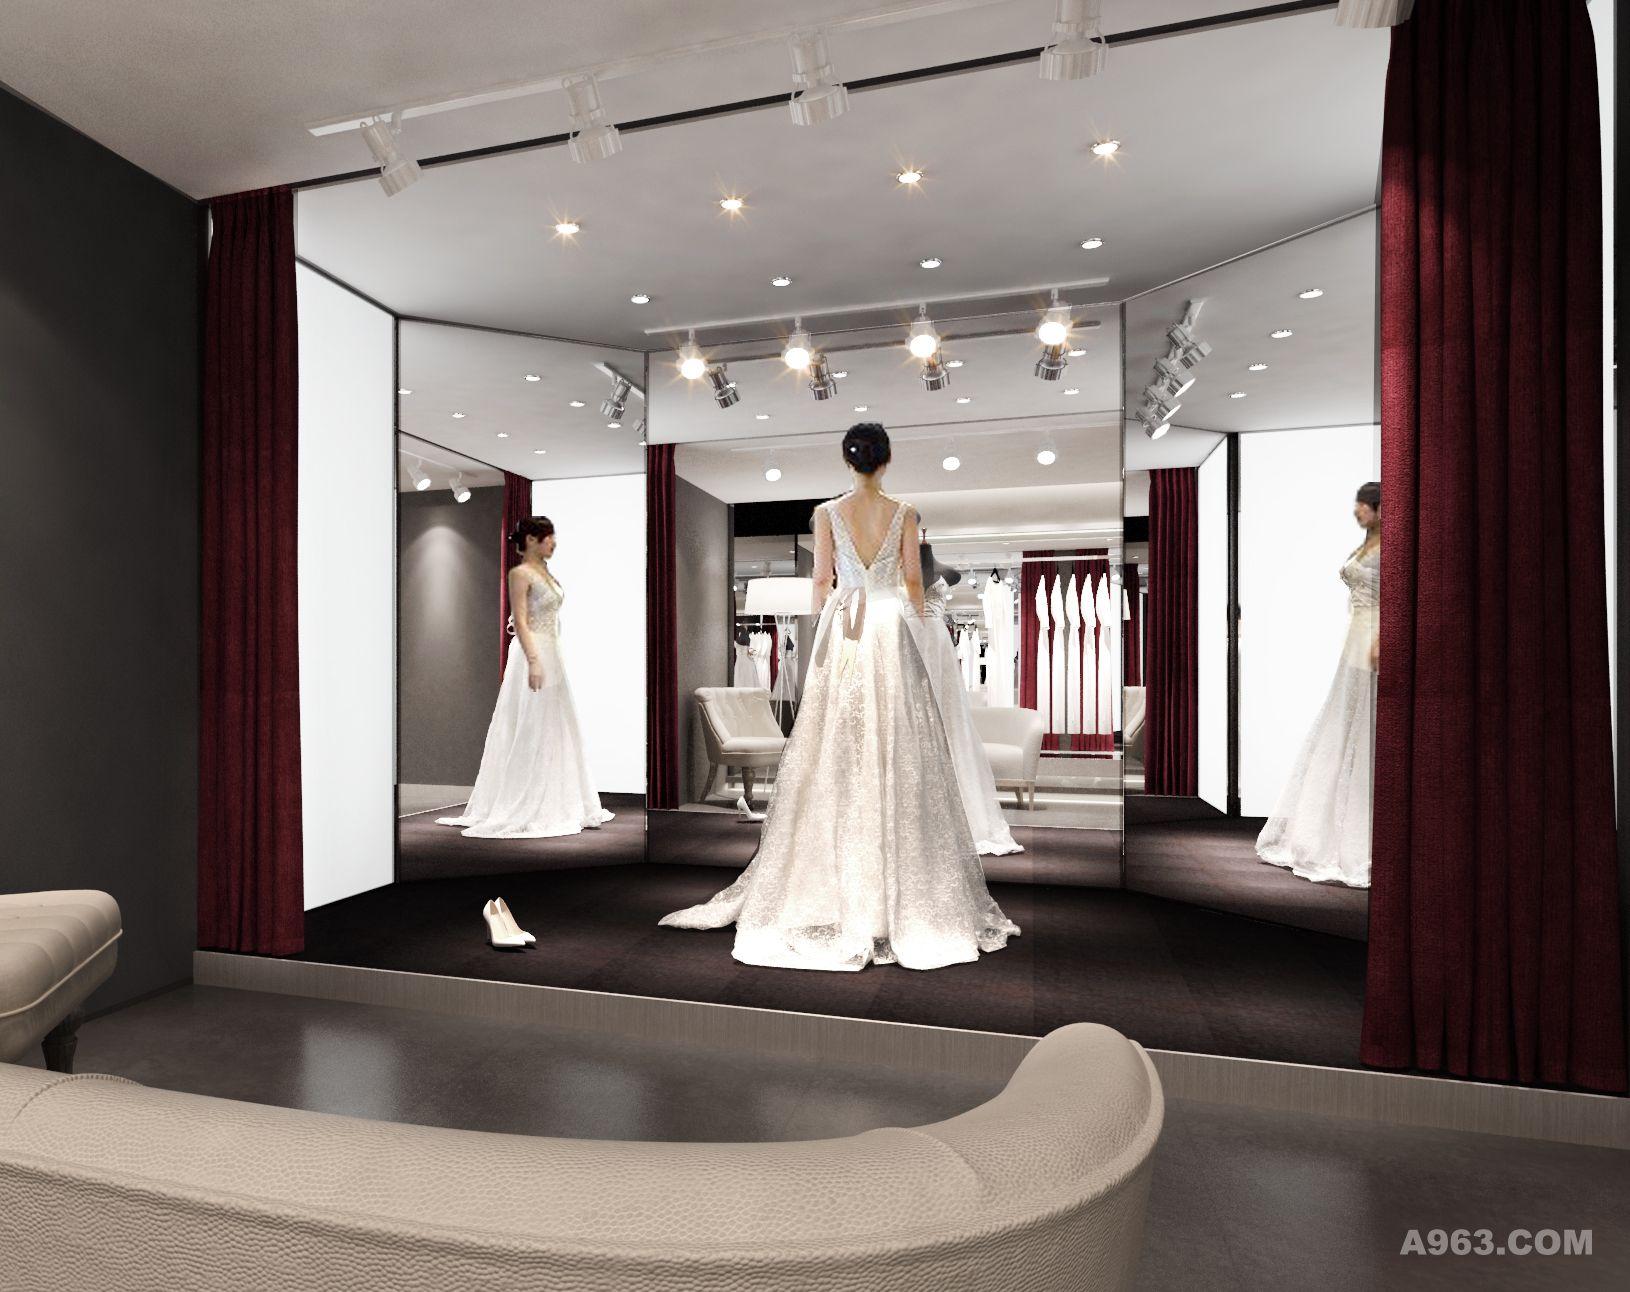 薇佳婚纱礼服馆 - 商业空间 - 林彬 设计作品案例